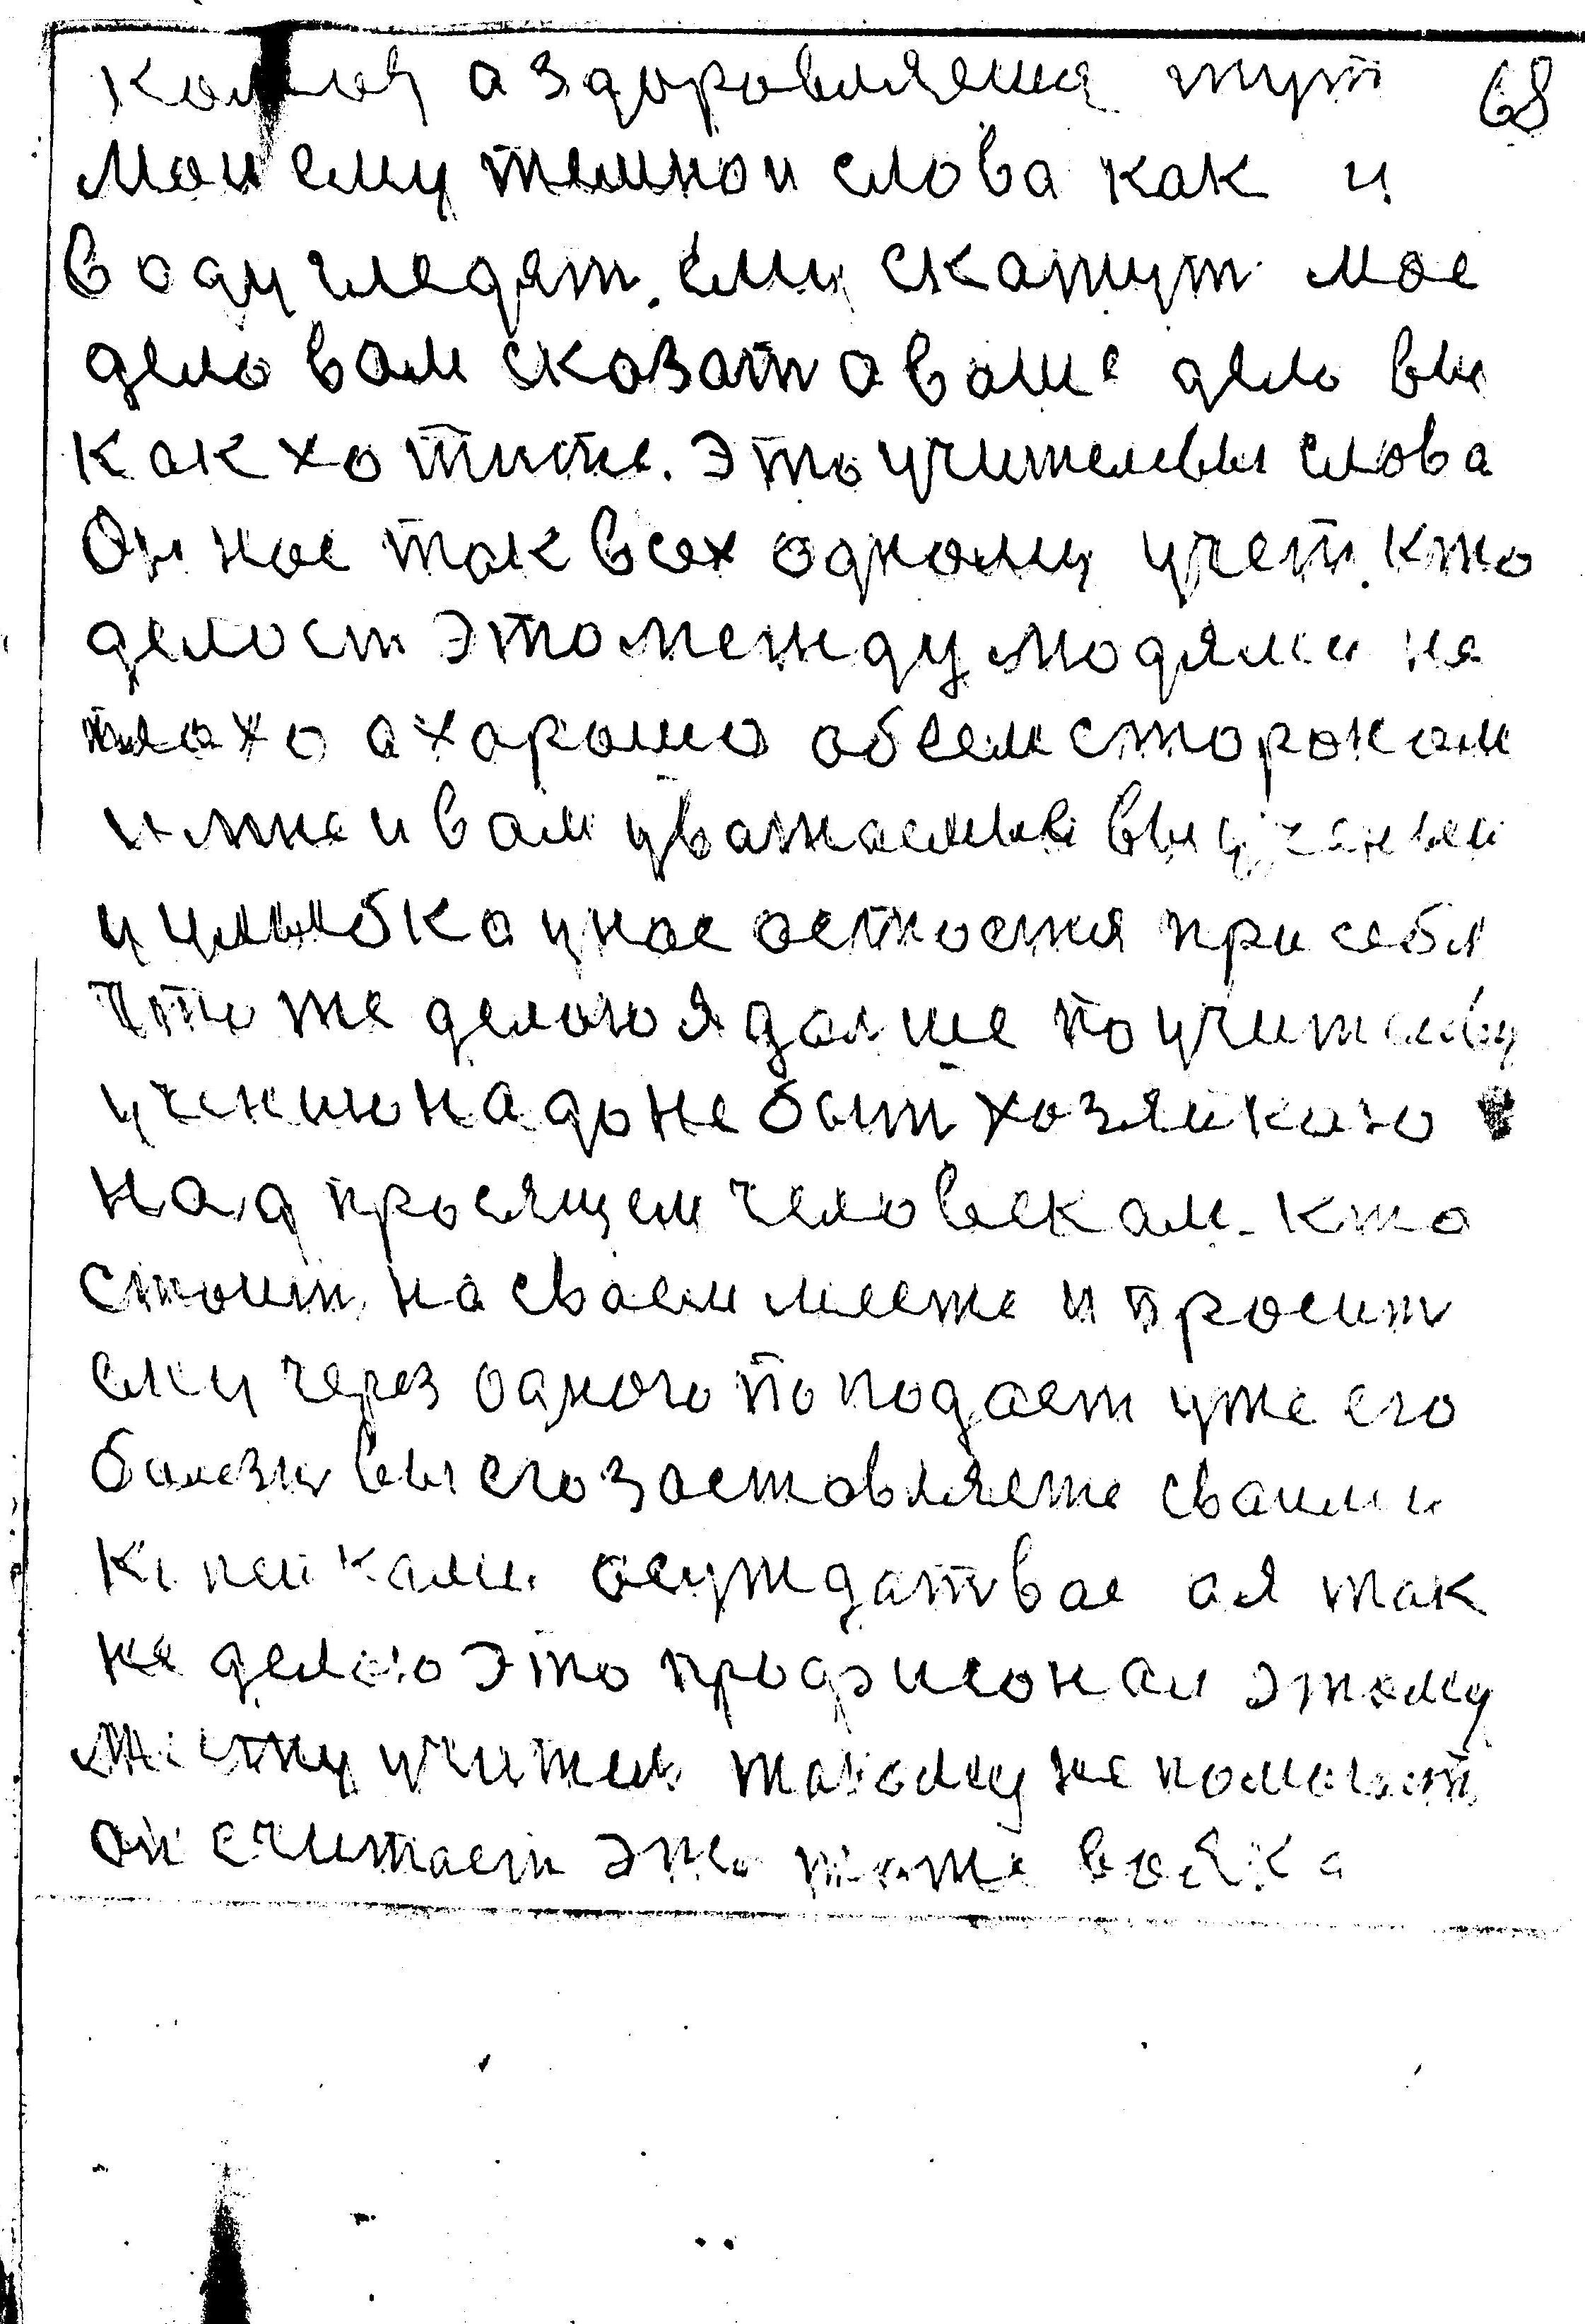 68-126.jpg